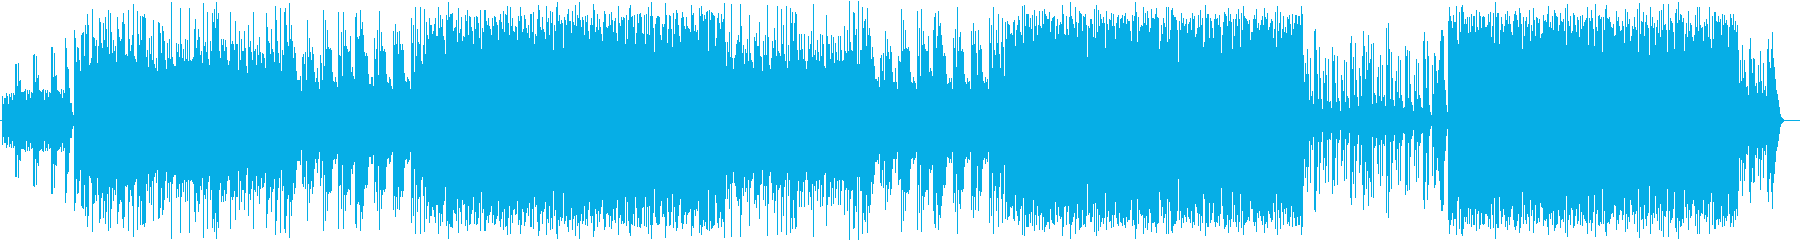 和風/和楽器(三味線・琴・太鼓)/B3の再生済みの波形